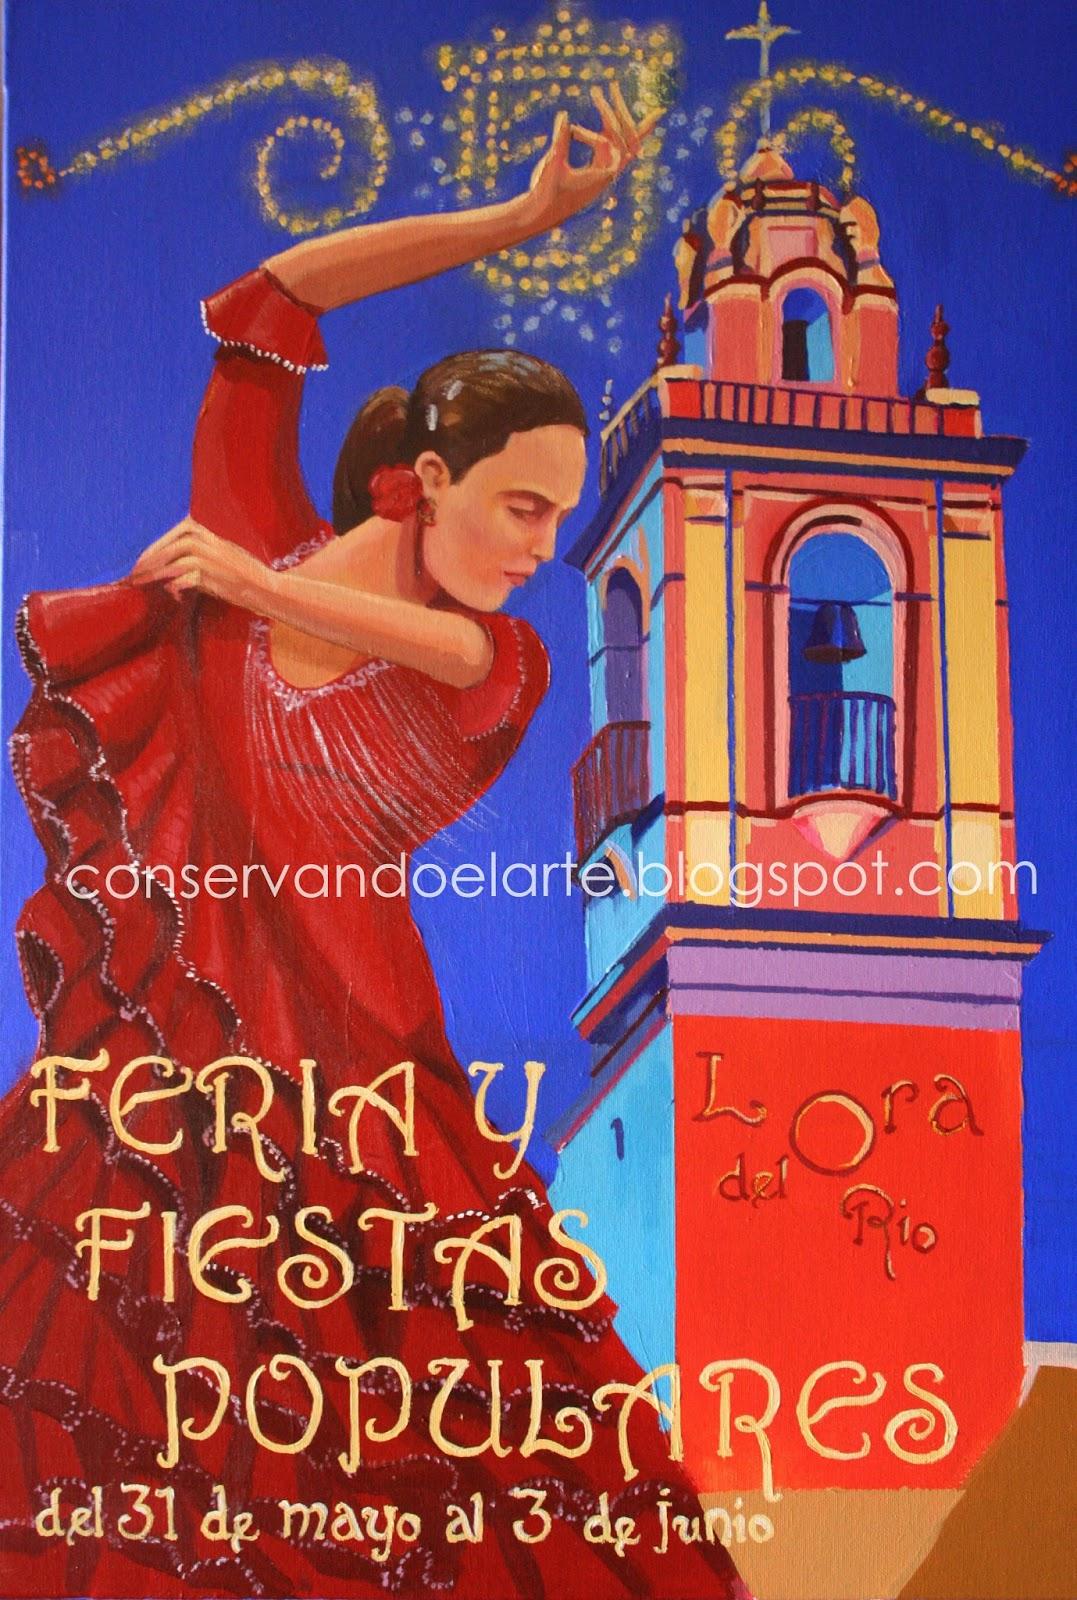 Lora Del Rio Feria 2013 de Lora Del Río